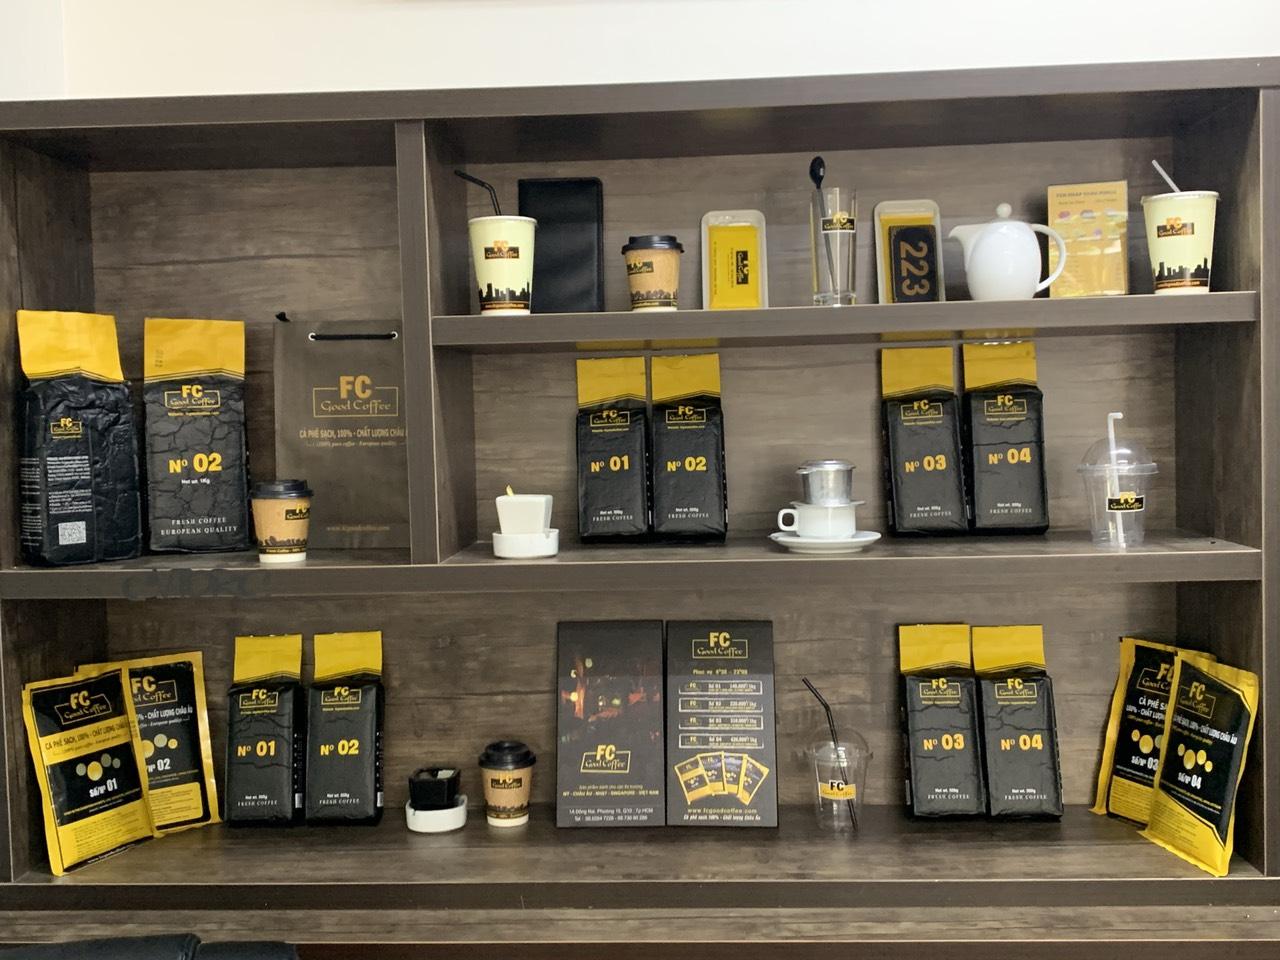 ac-vat-dung-nhuong-quyen-fcgoodcoffee